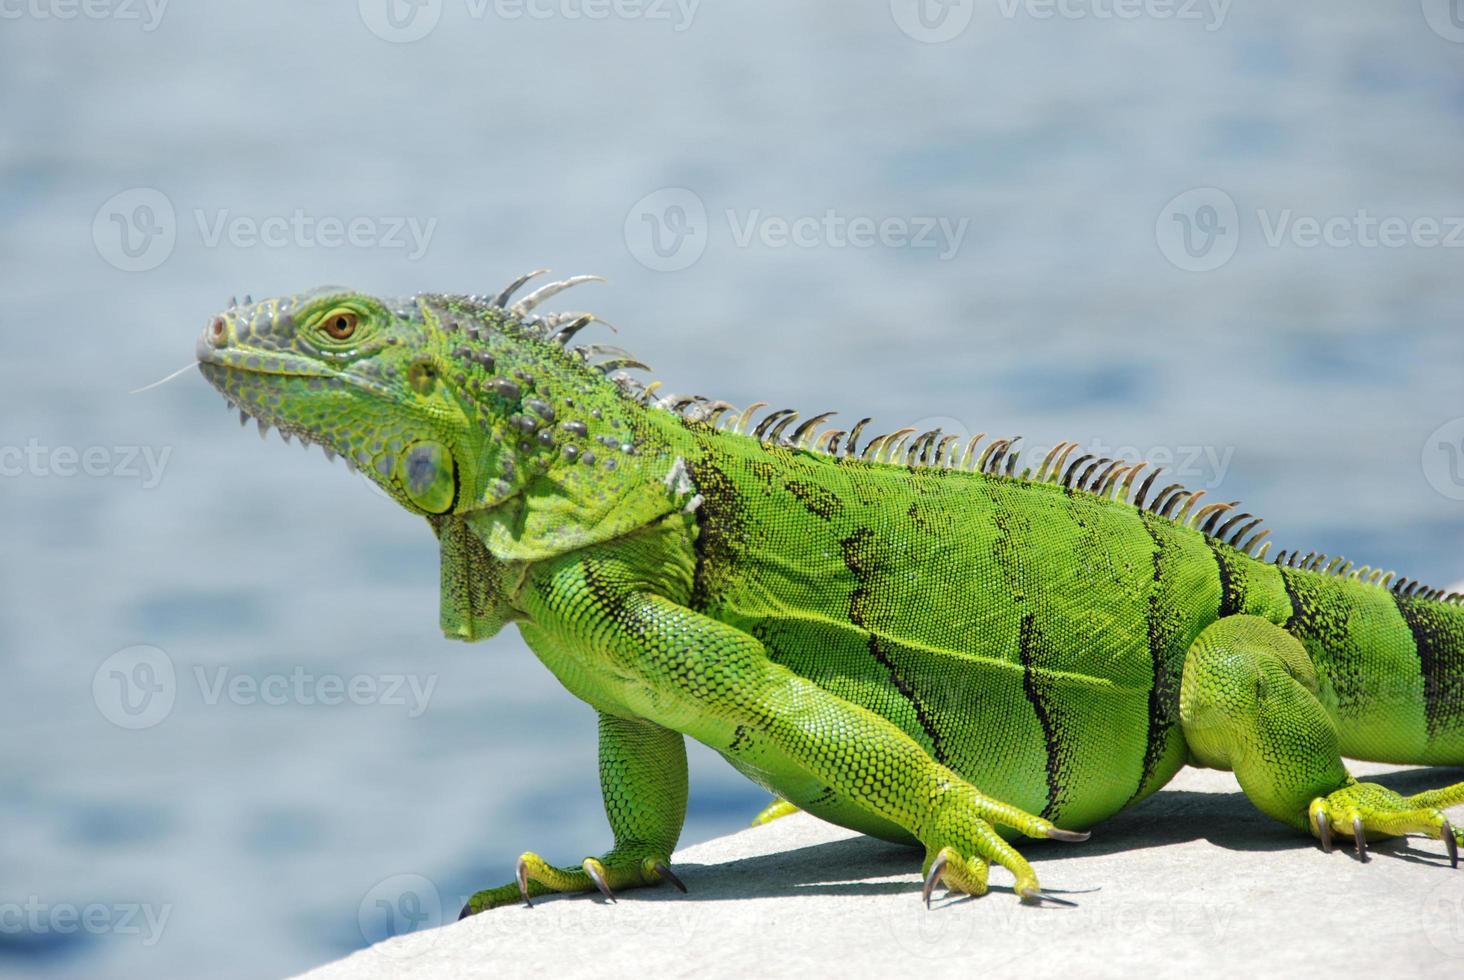 lengua iguana verde parpadea foto